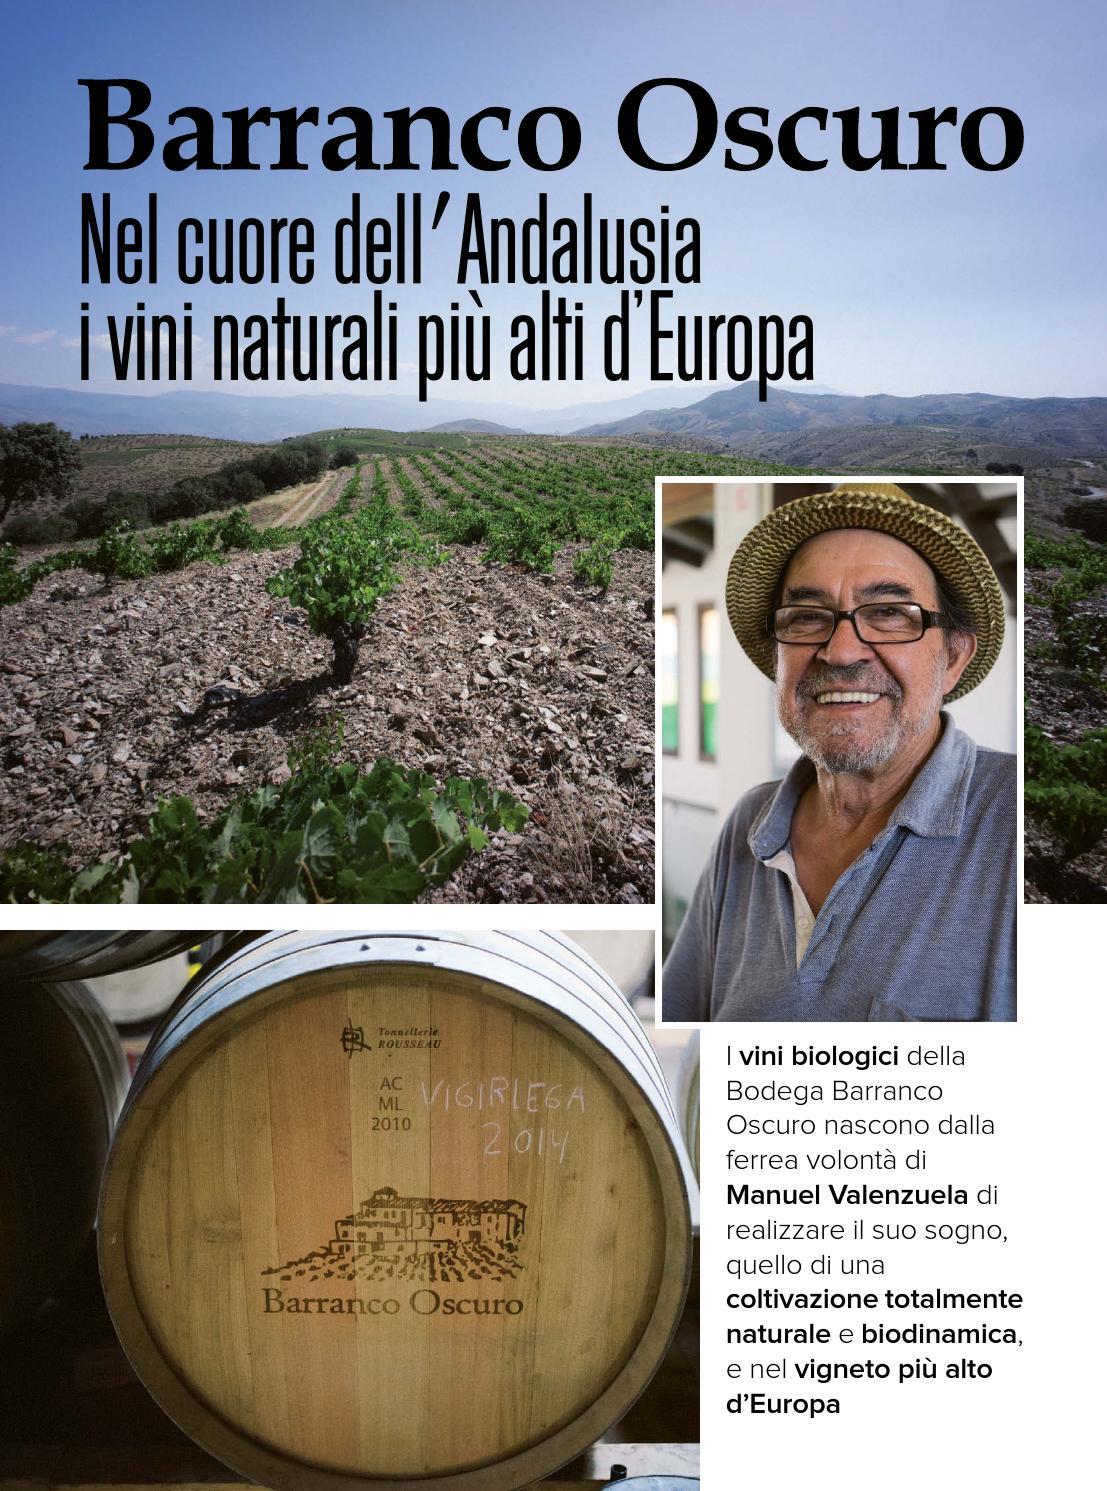 Barranco Oscuro, nel cuore dell'Andalusia I vini naturali più alti d'Europa | Italia a Tavola